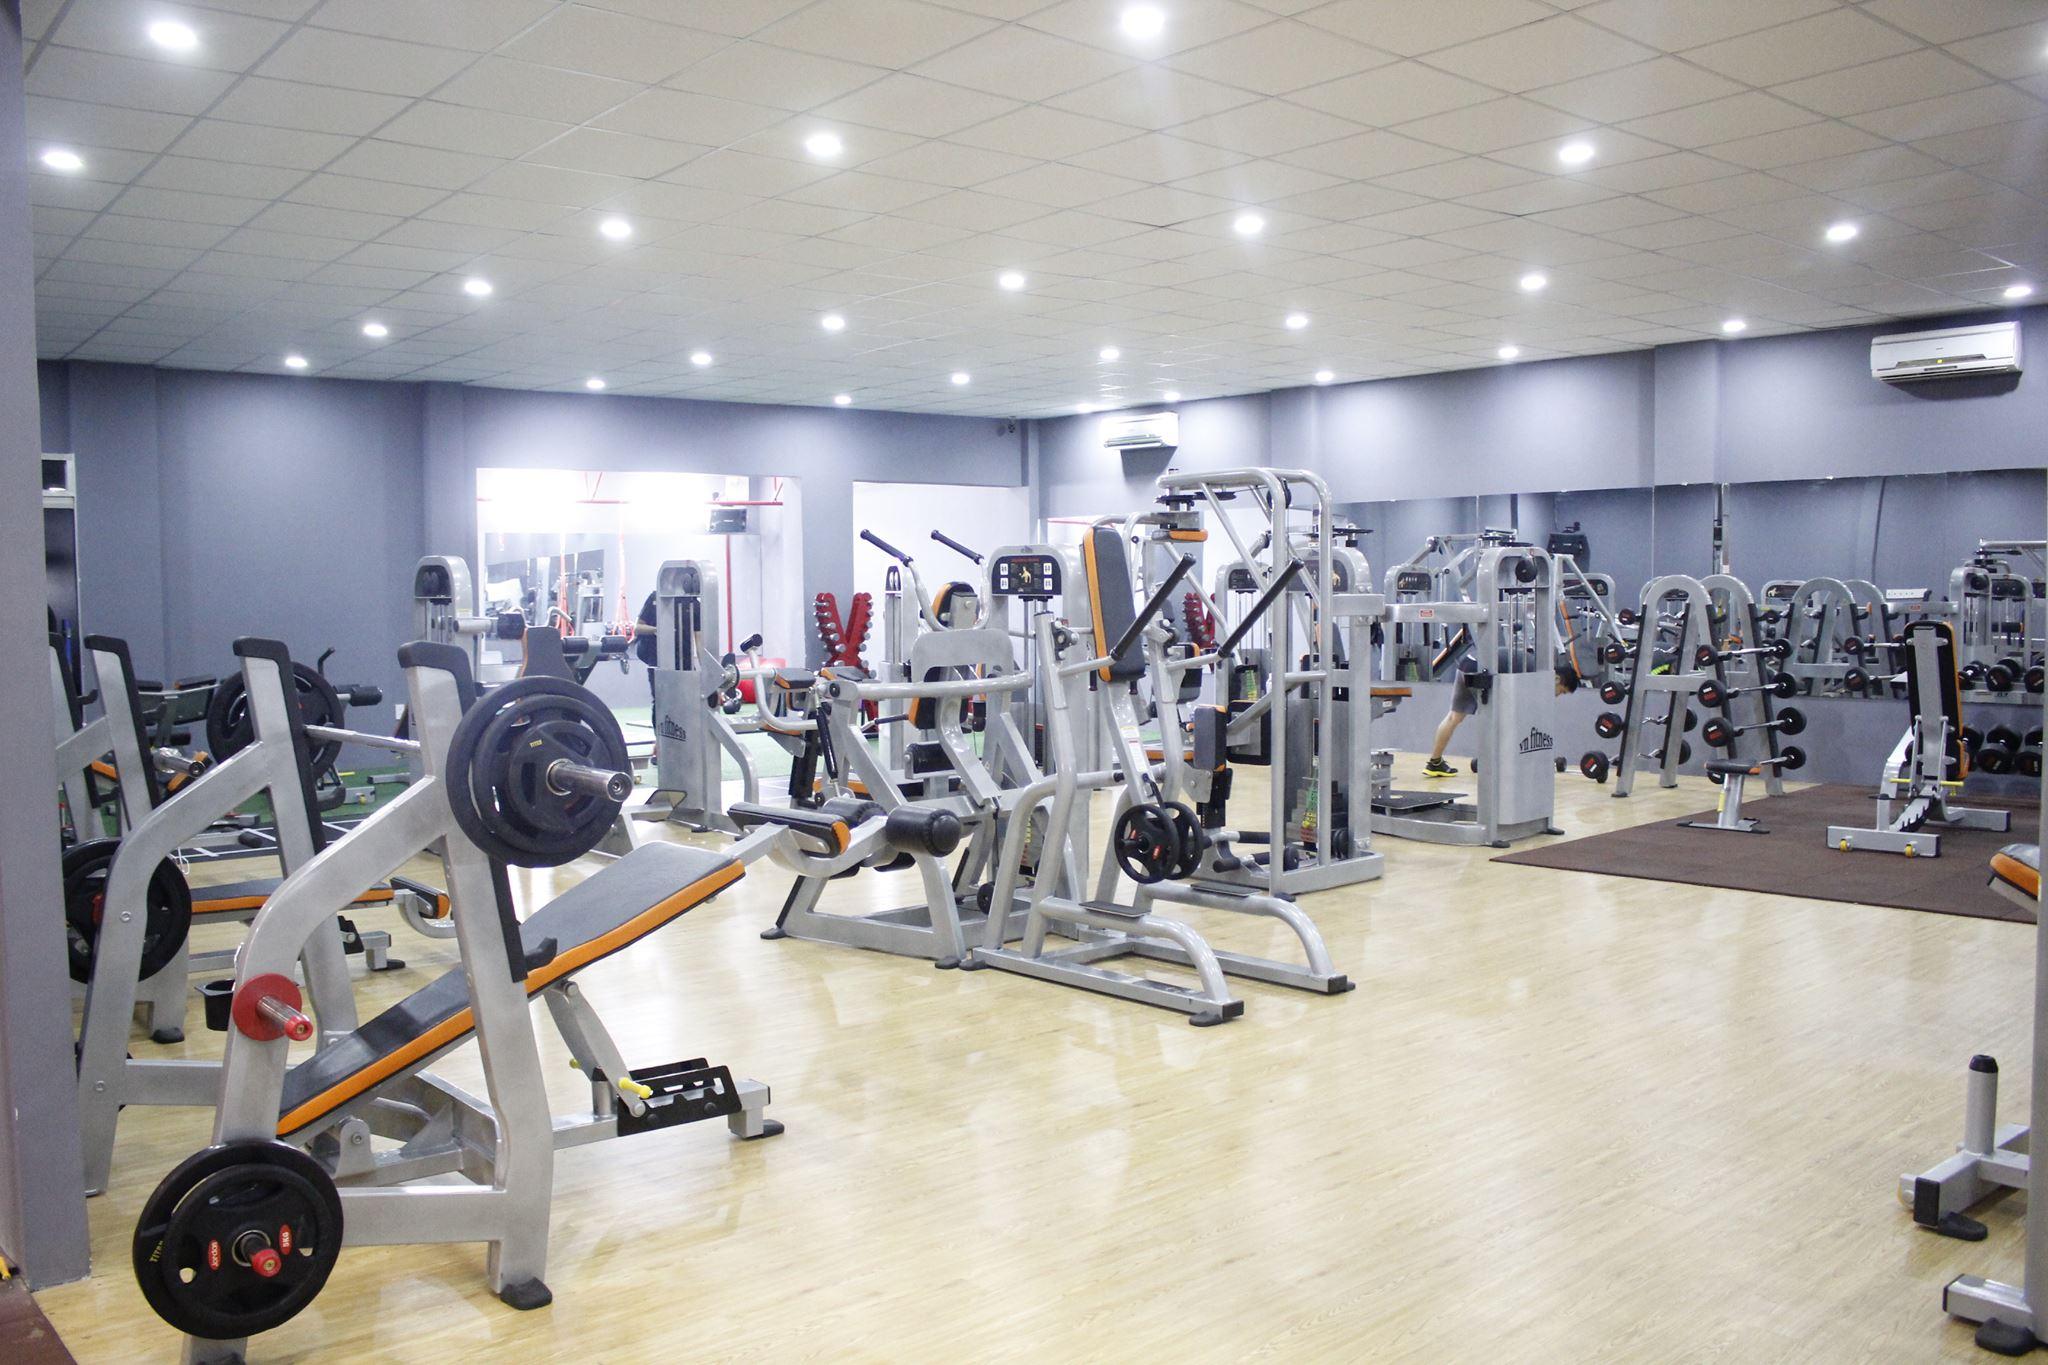 Top 10 phòng tập gym quận 10 chất lượng được nhiều người lựa chọn 4